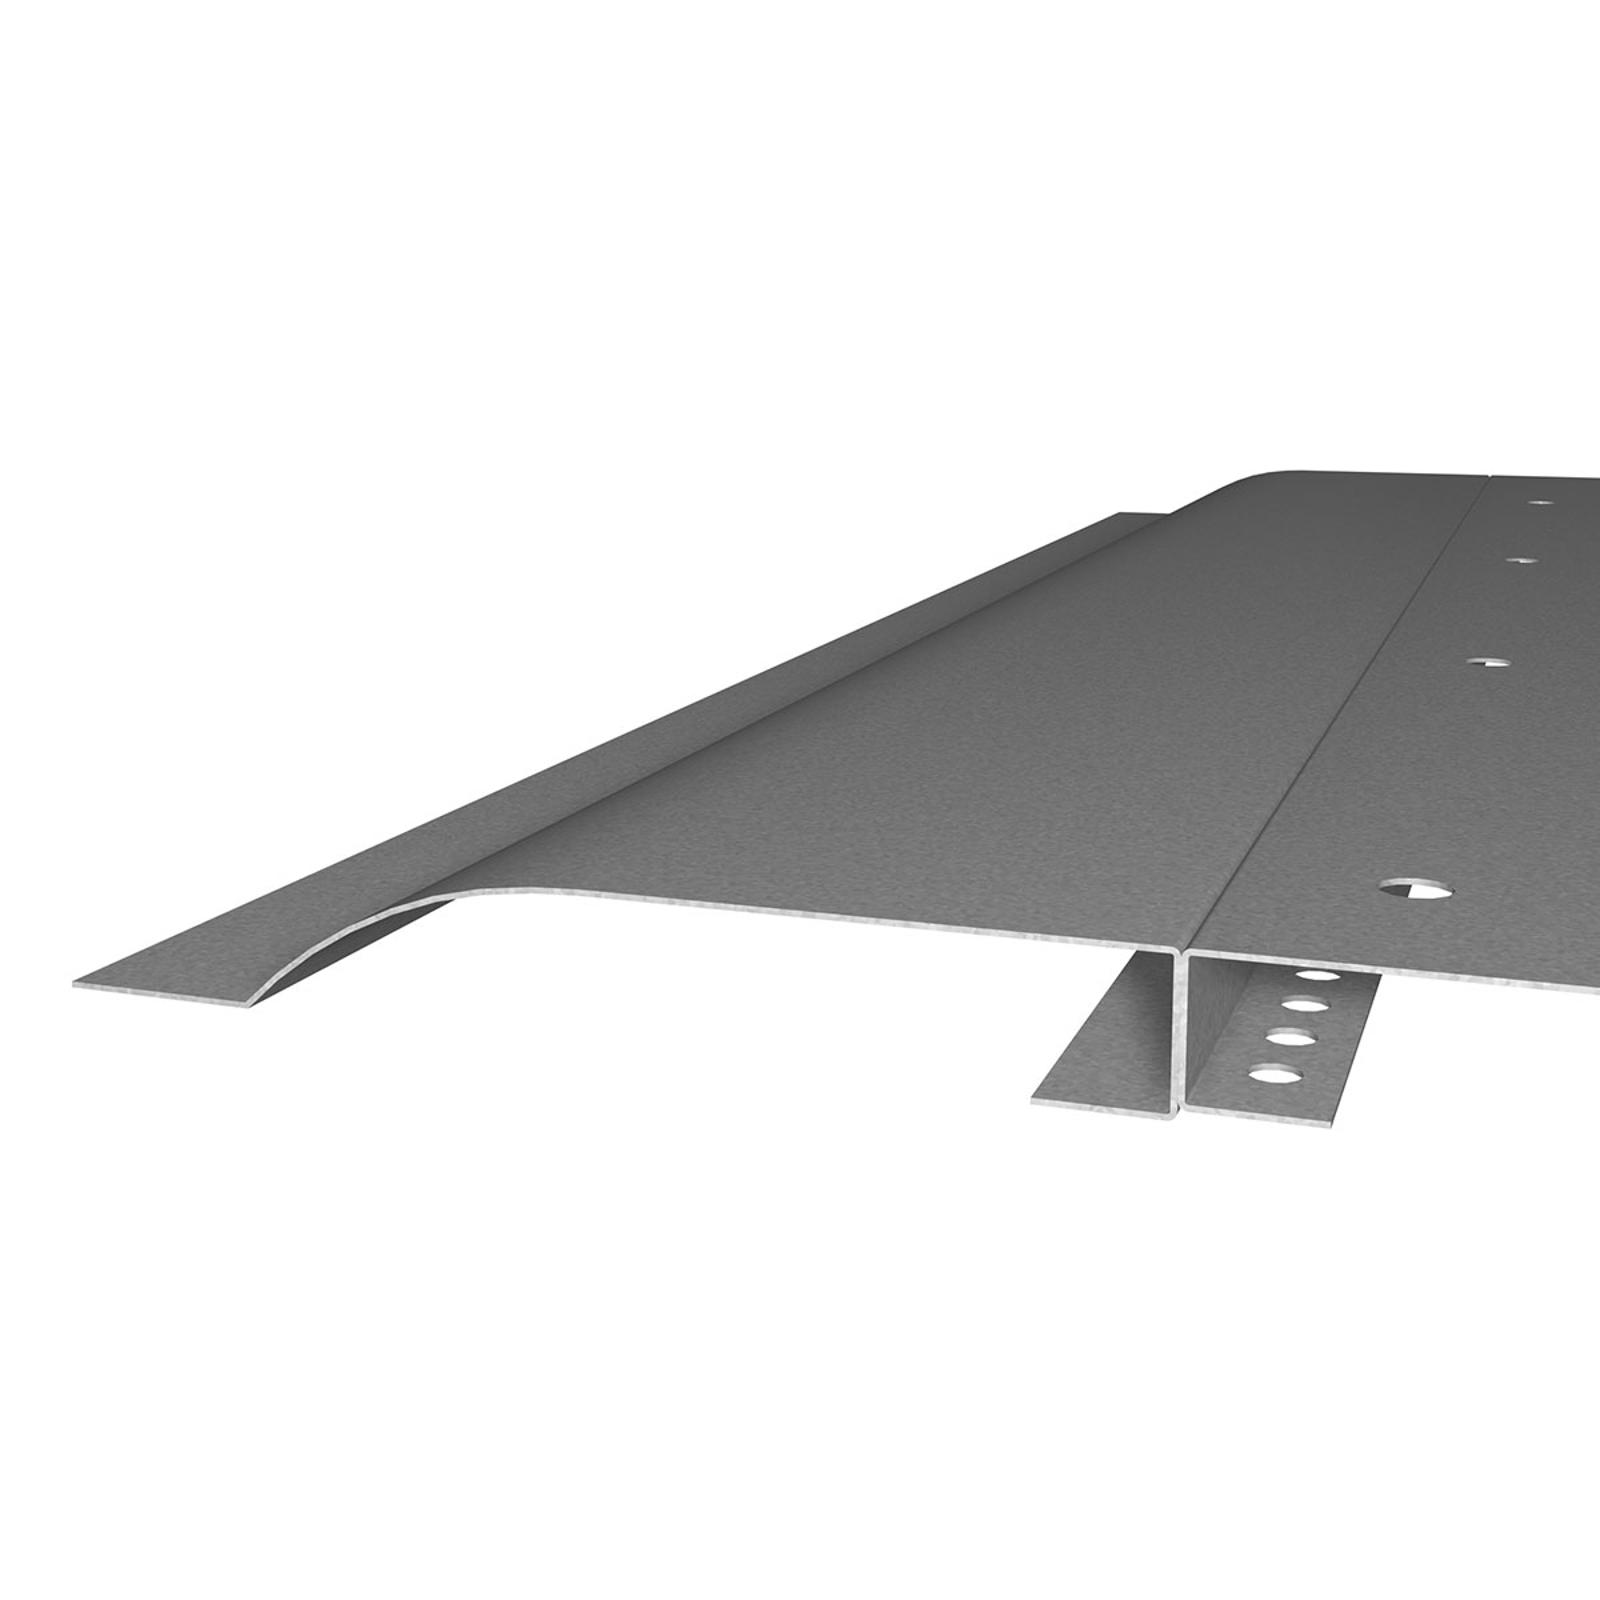 R10-R tørrbyggprofil for direkte utenpåliggende